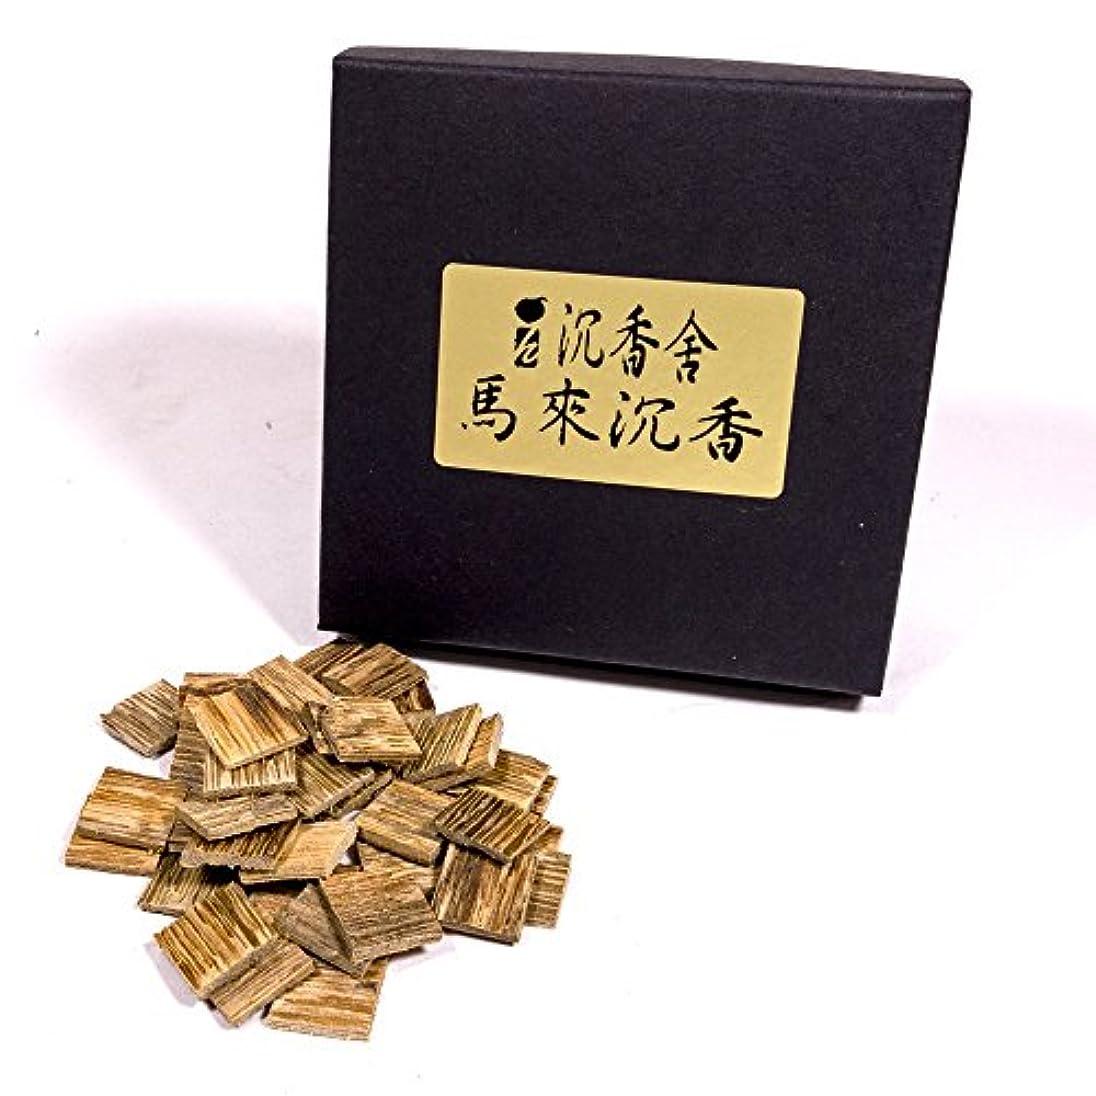 名前で自発寄付する馬來西亞 沈香角割刻み マレーシア産 沈香 5g お香 お焼香 焼香 天然沈香香木刻み こづつ用